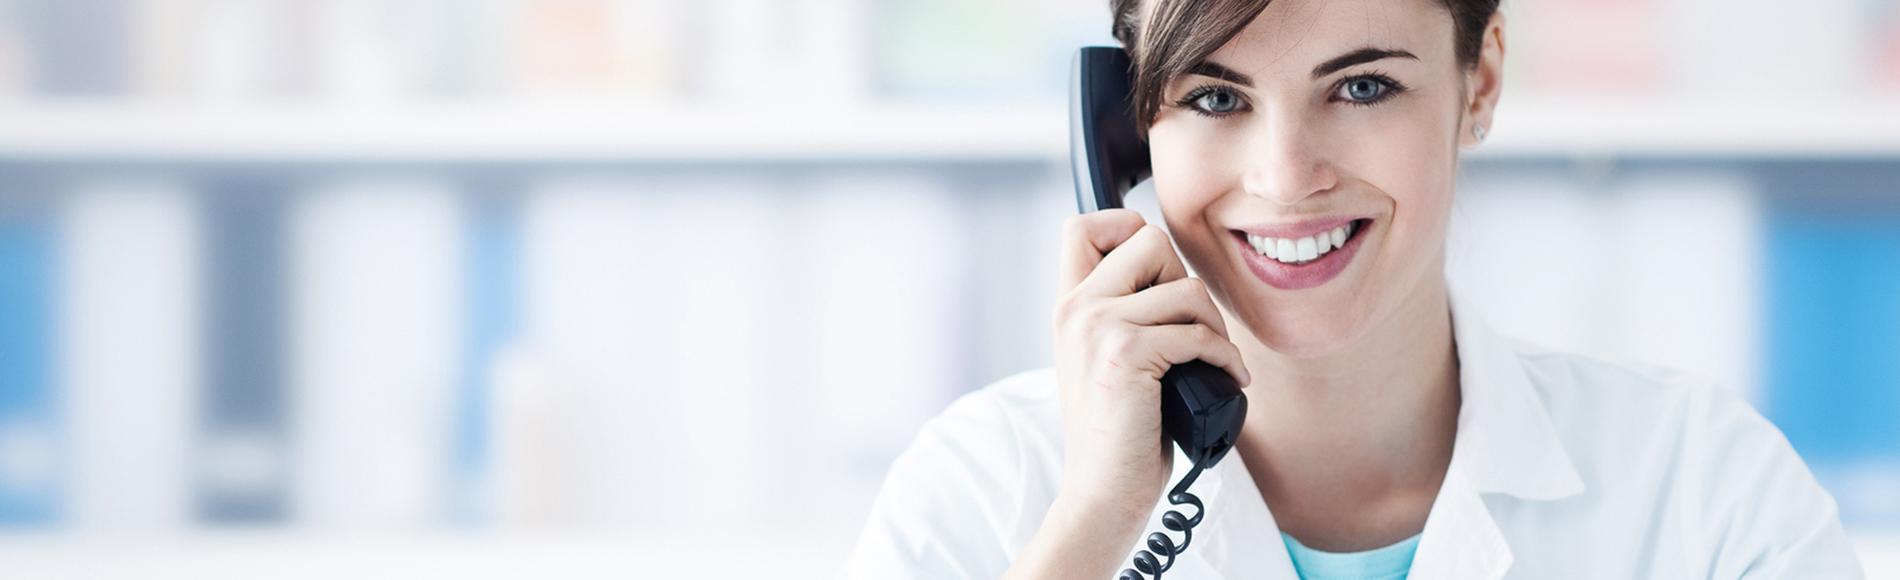 Telefono bidezko orientazio medikoa